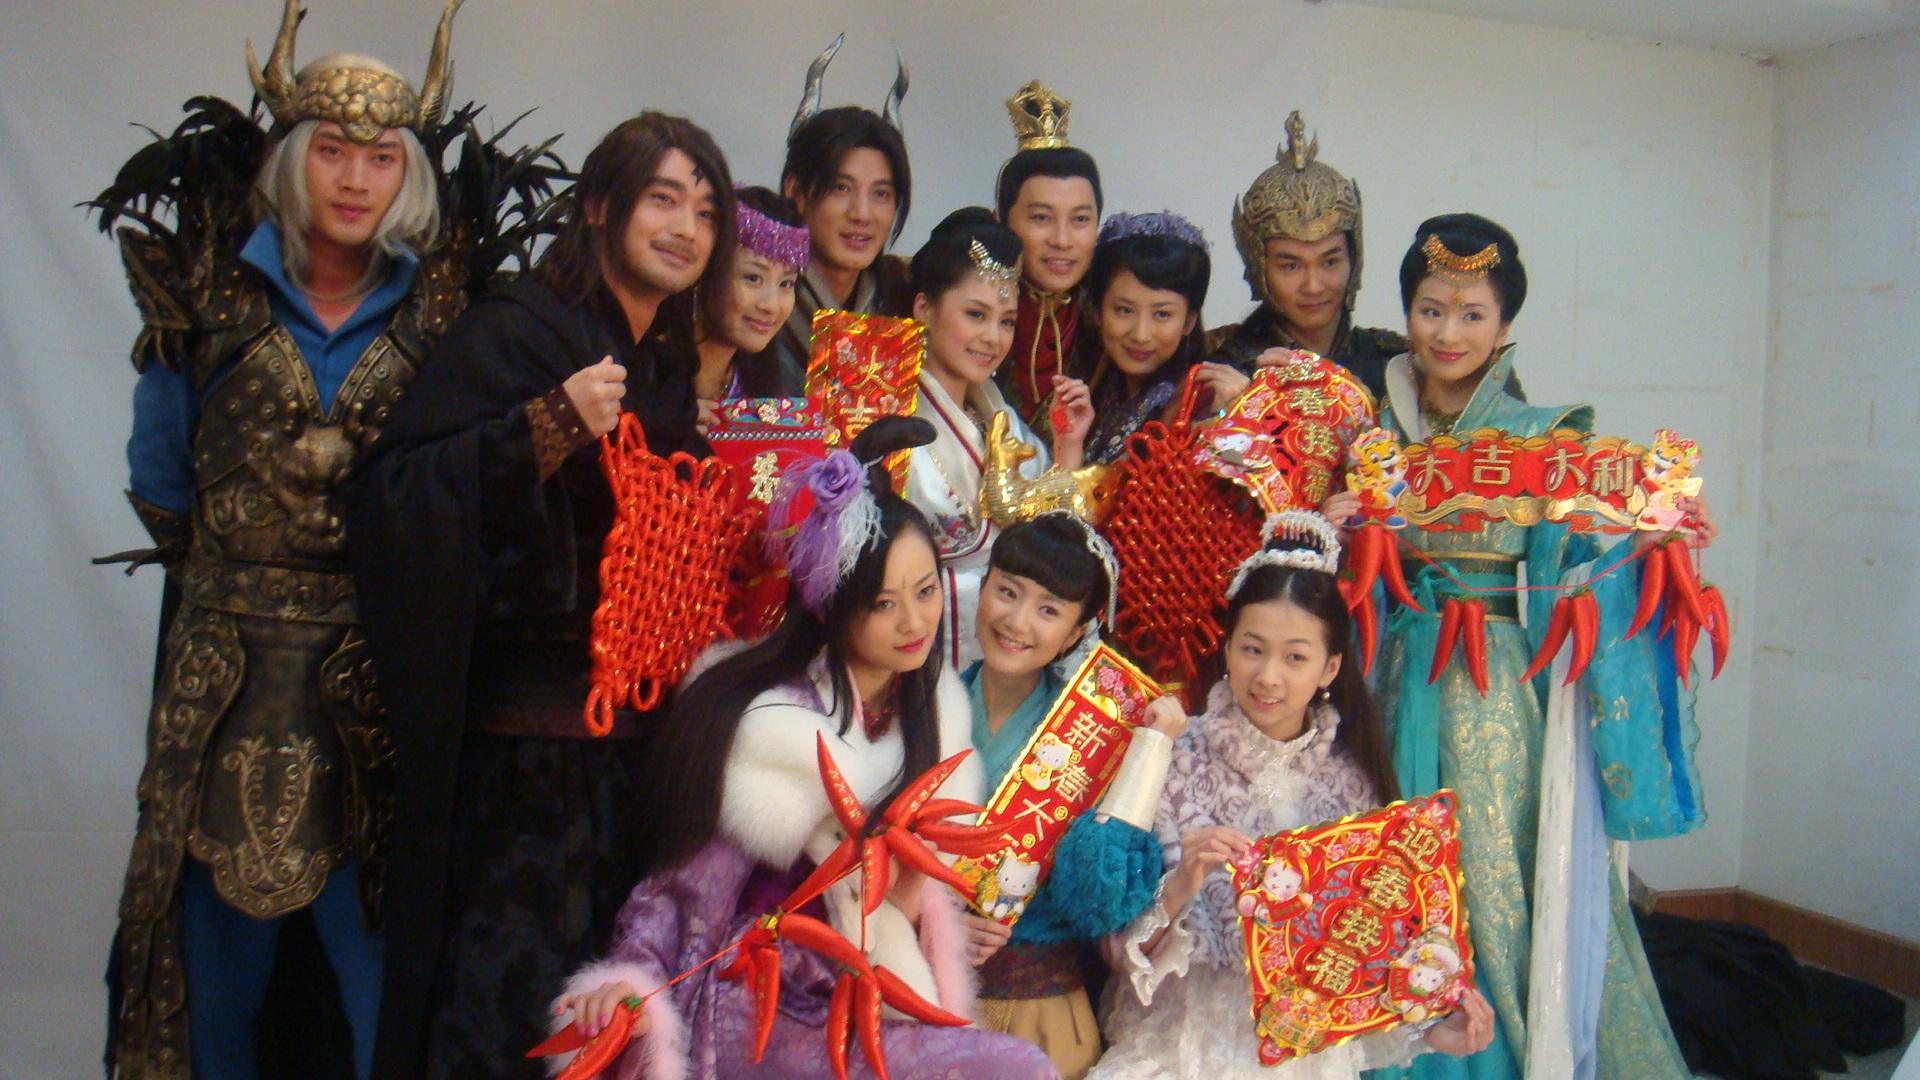 2011年值得期待的万人瞩目的最新电视剧! - yuruan - 黎黎影视明星博客